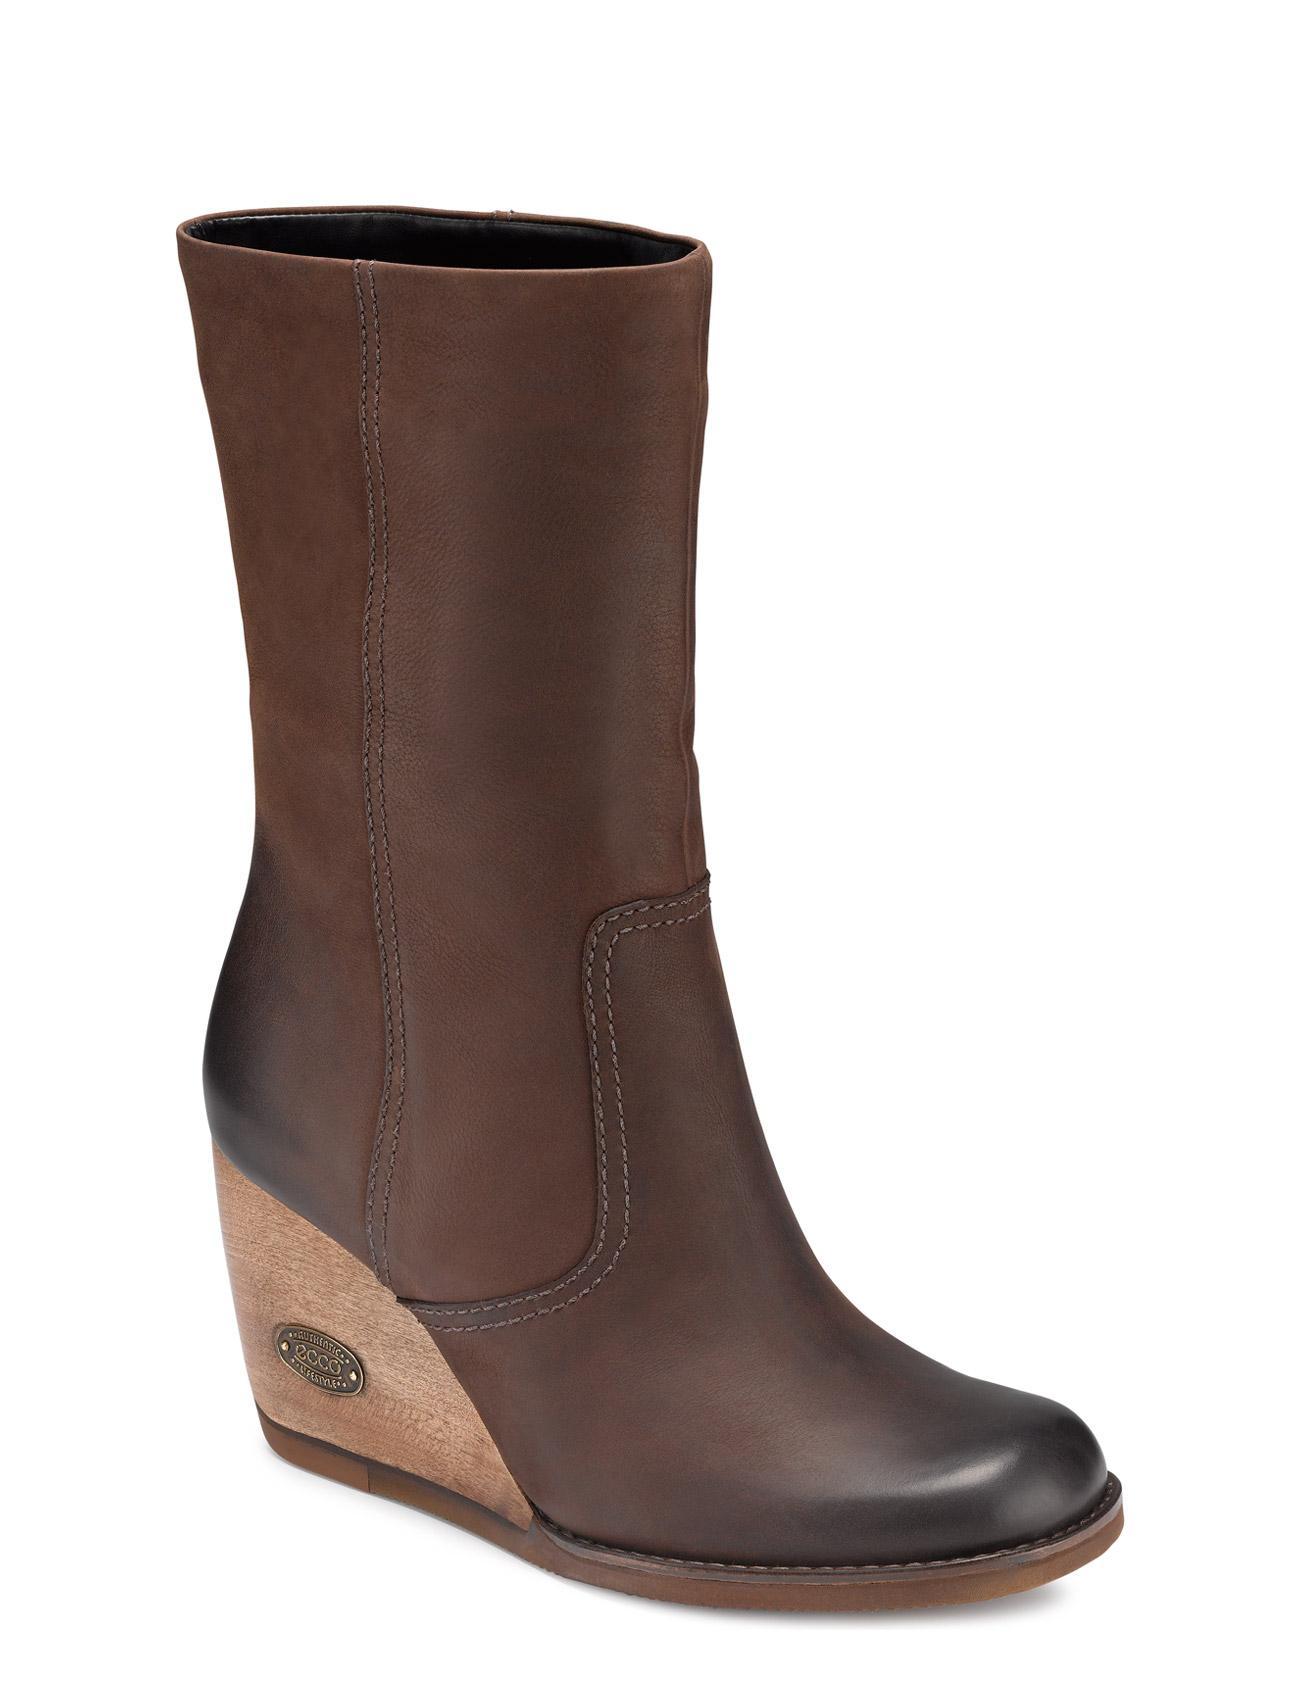 Men's Shoes Women's Shoes Boots Casuals